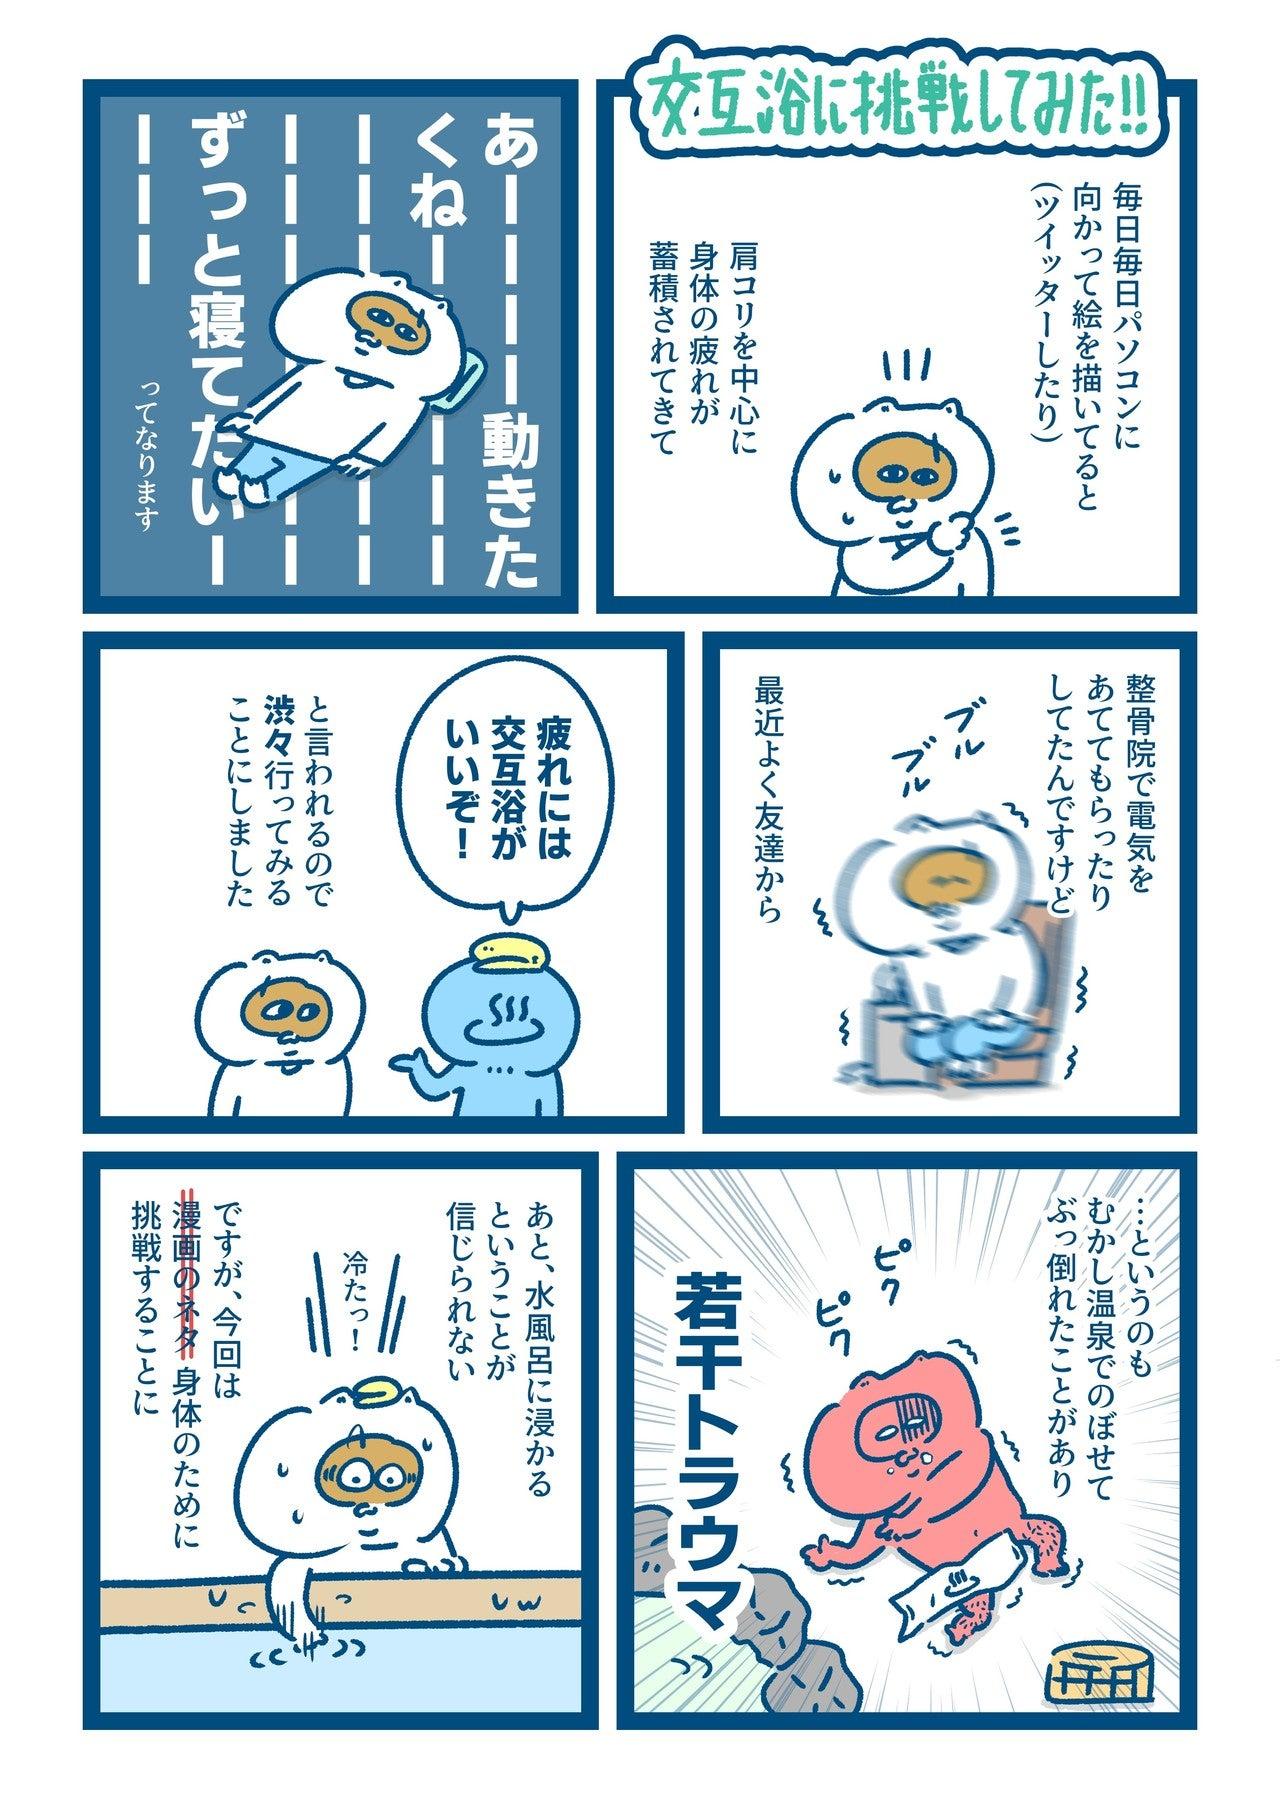 交互浴_001